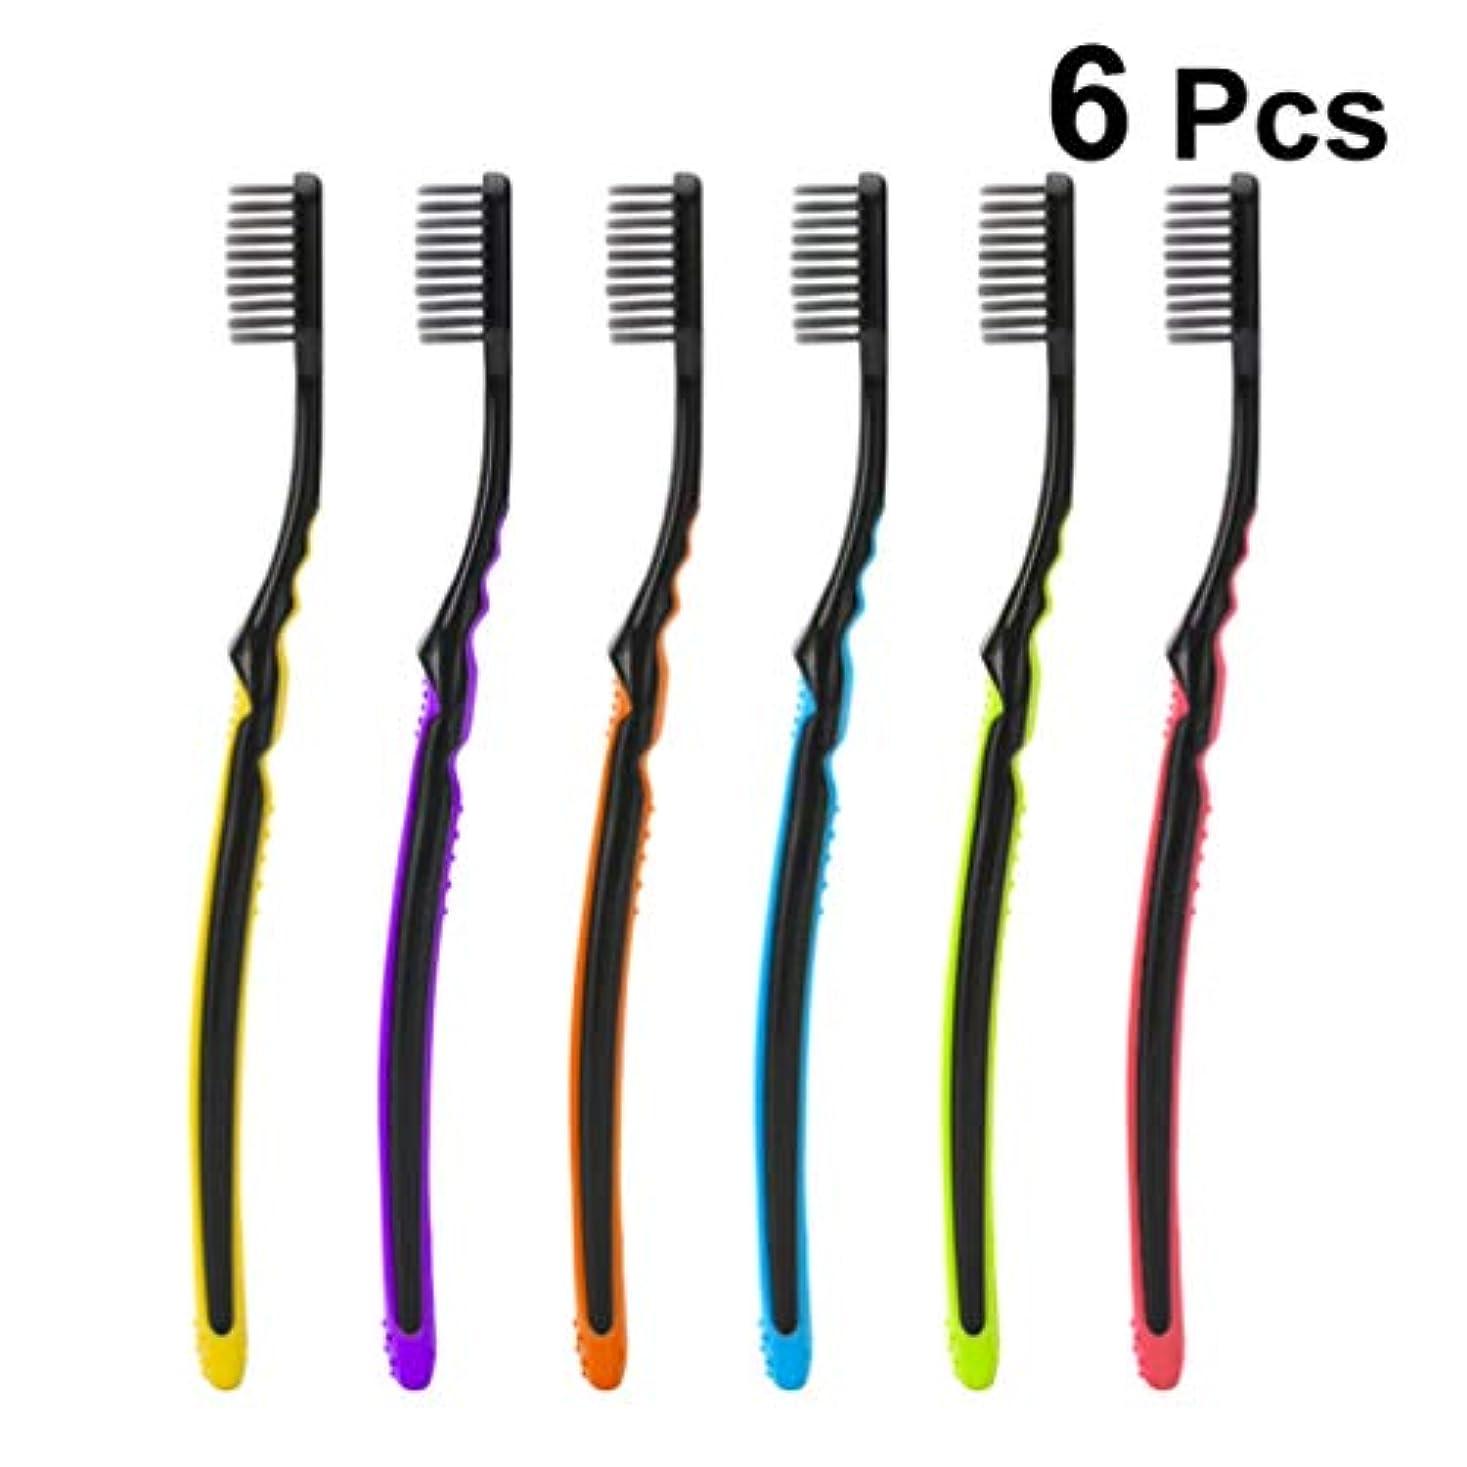 デジタル金額時間SUPVOX 6ピース手動歯ブラシソフト歯ブラシ大人の竹炭歯ブラシ家庭用旅行ホテル